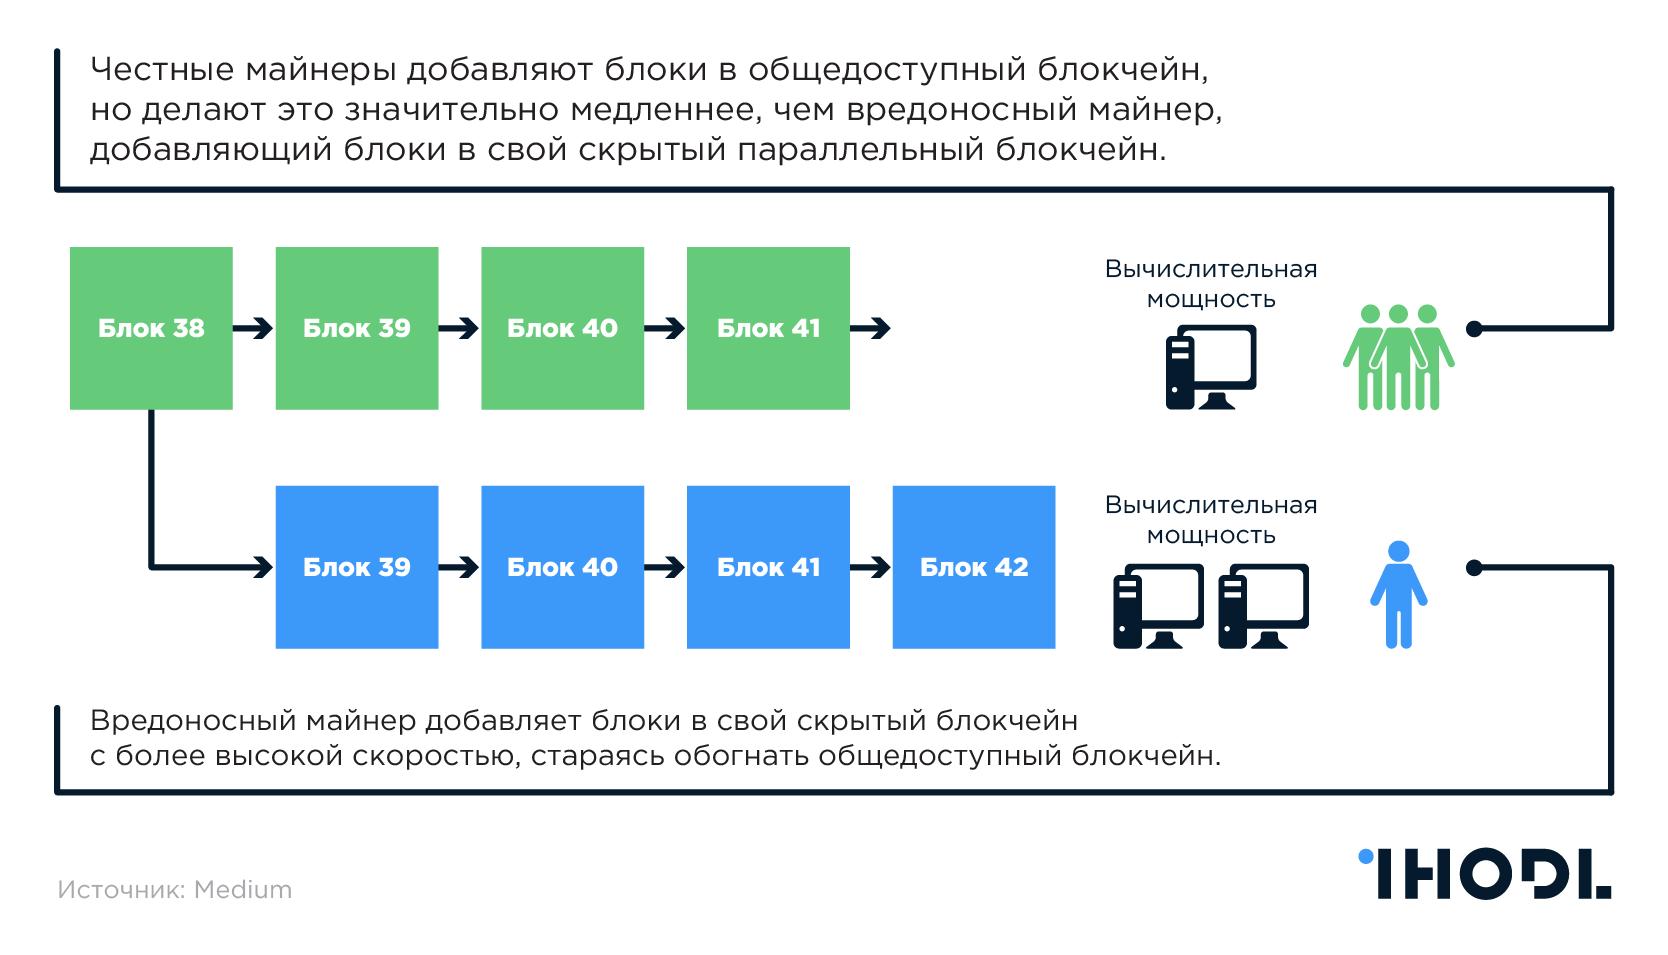 Гонка по добавлению блоков в свою цепочку блокчейна